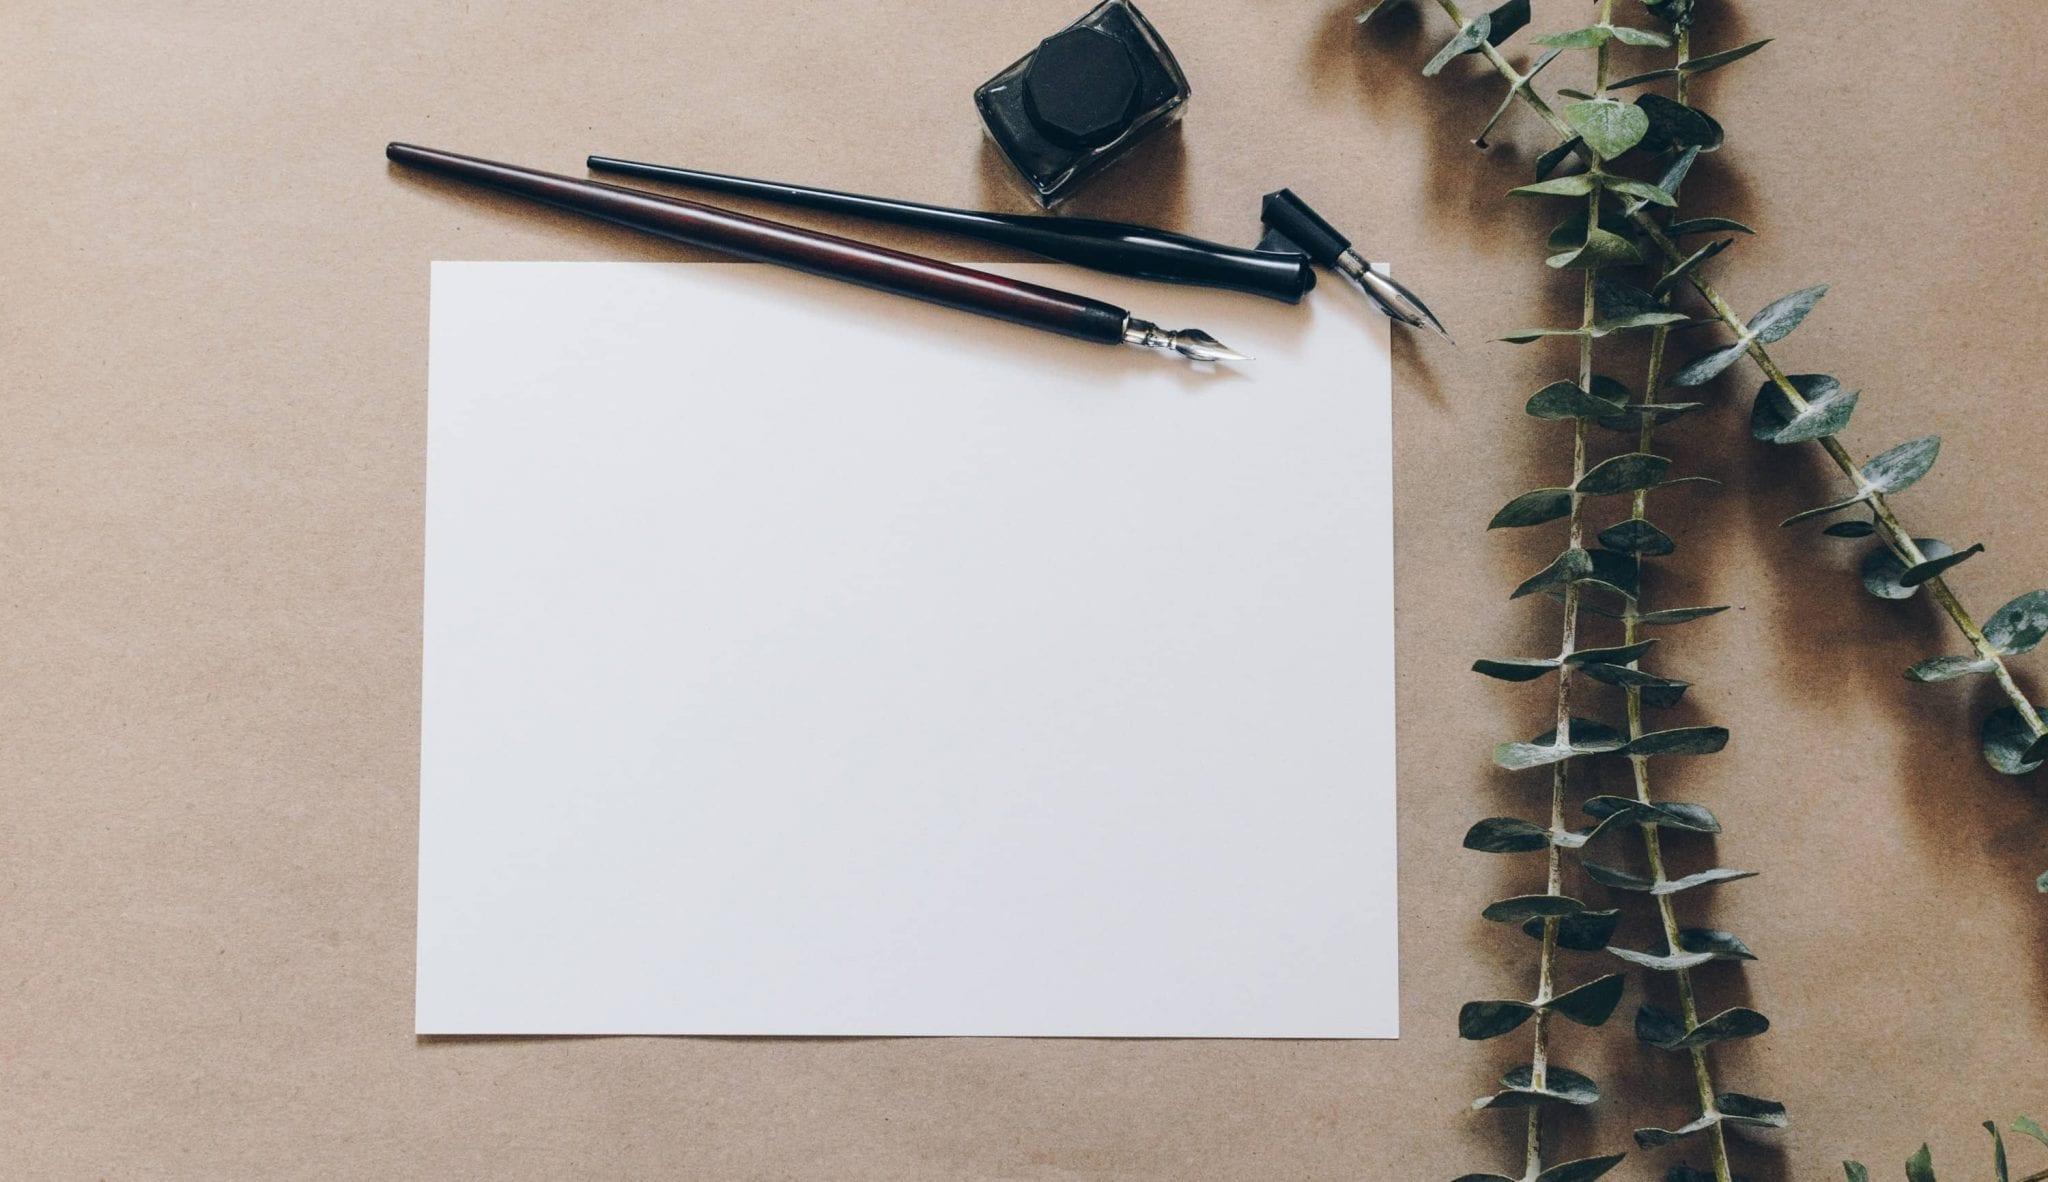 Comment rédiger une proposition d'offre d'achat ?